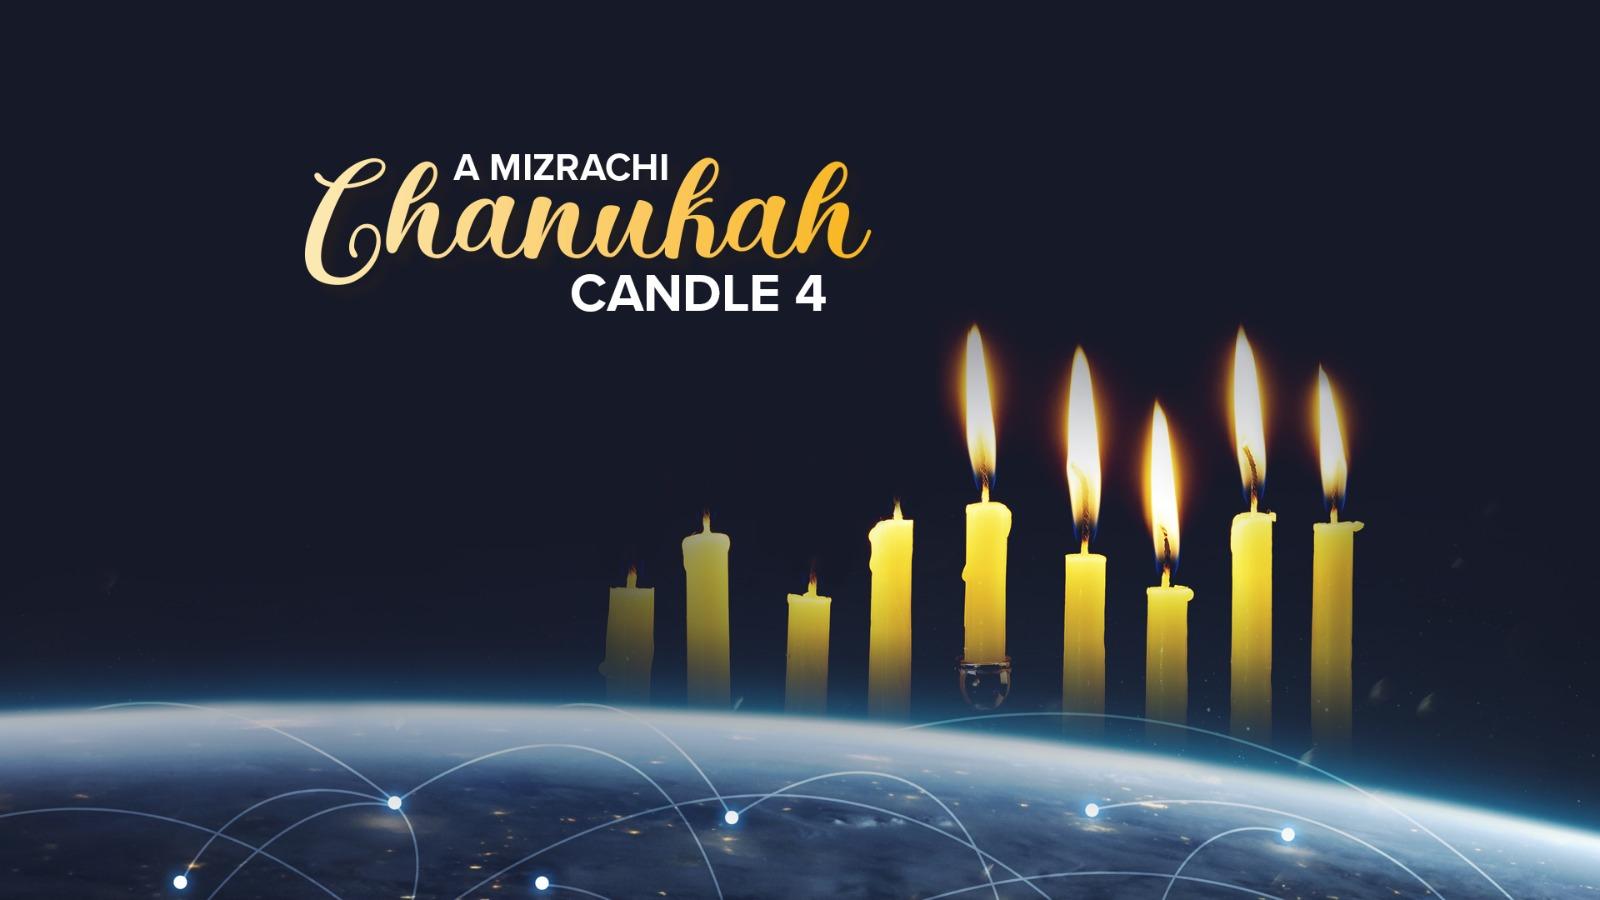 A Mizrachi Chanukah – Candle 4